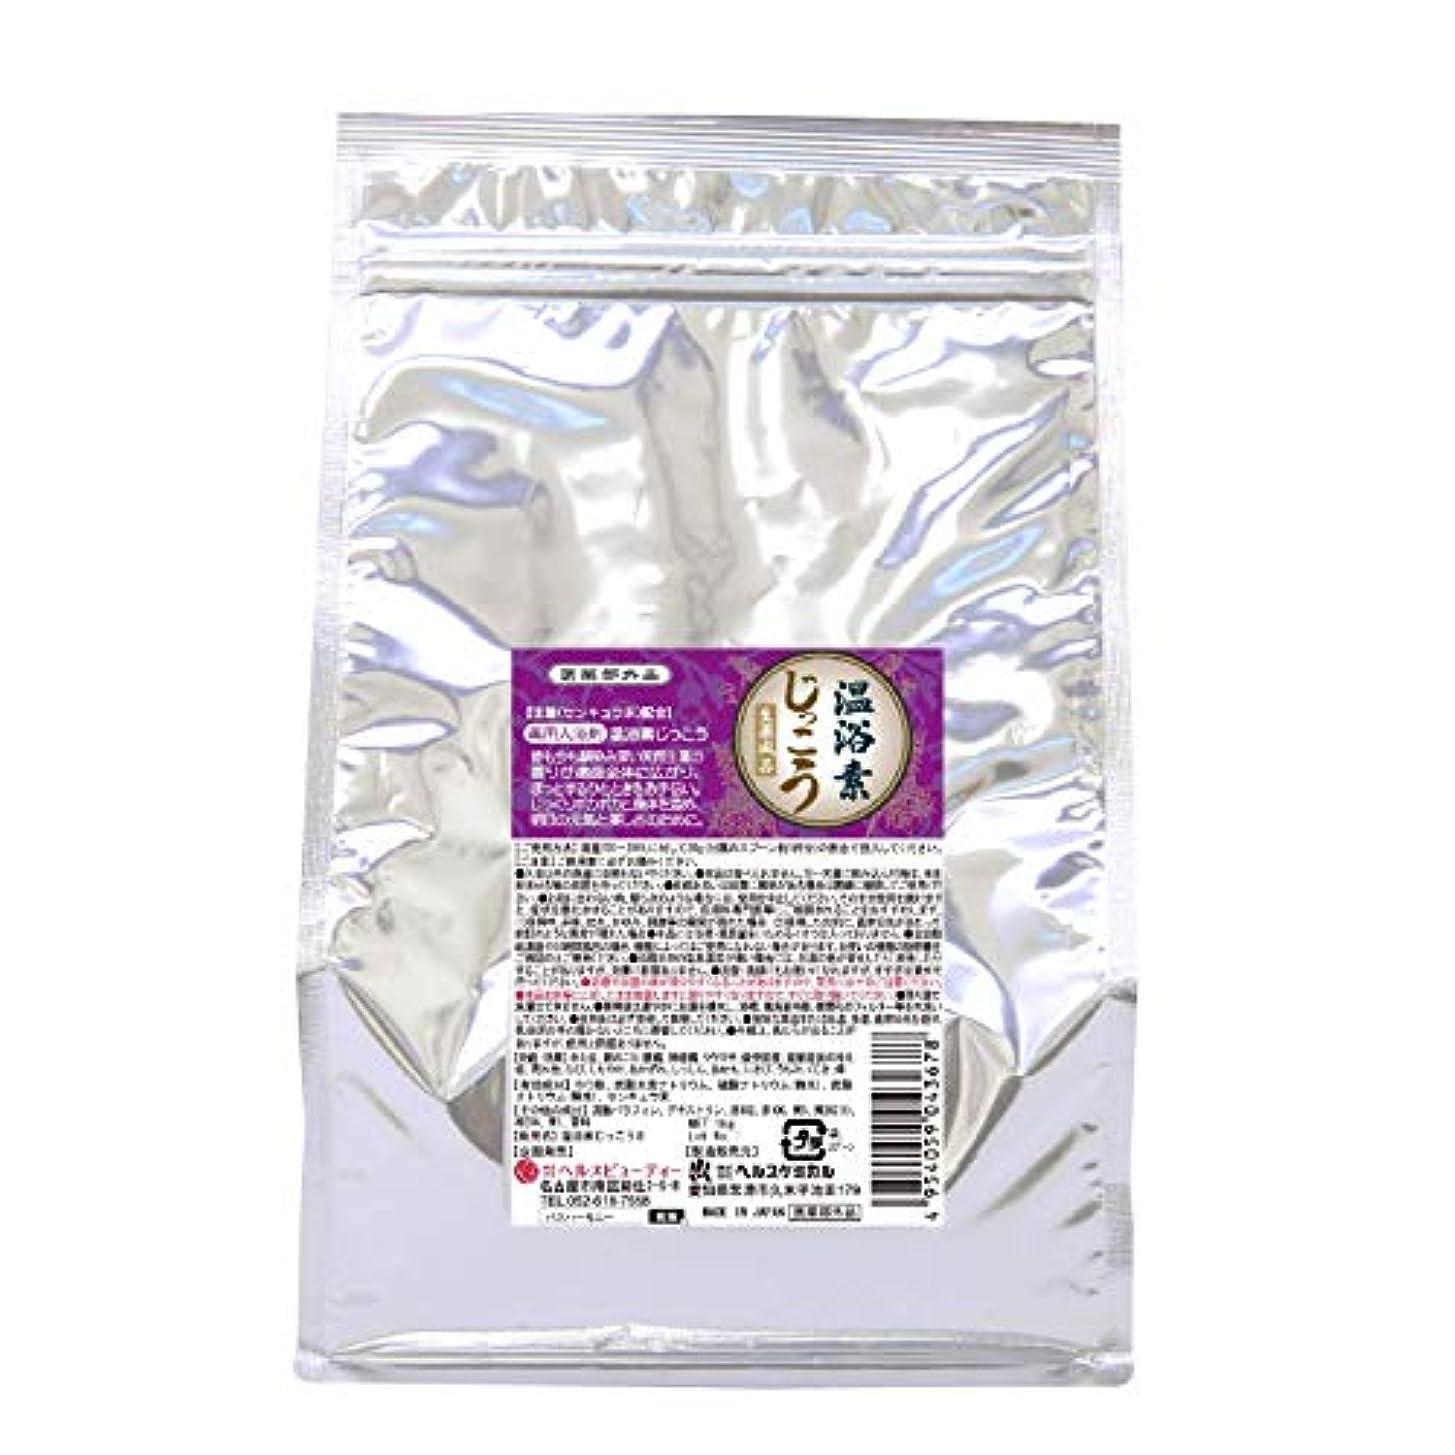 グリット復活する発症入浴剤 湯匠仕込 温浴素じっこう 生薬 薬湯 1kg 50回分 お徳用 医薬部外品